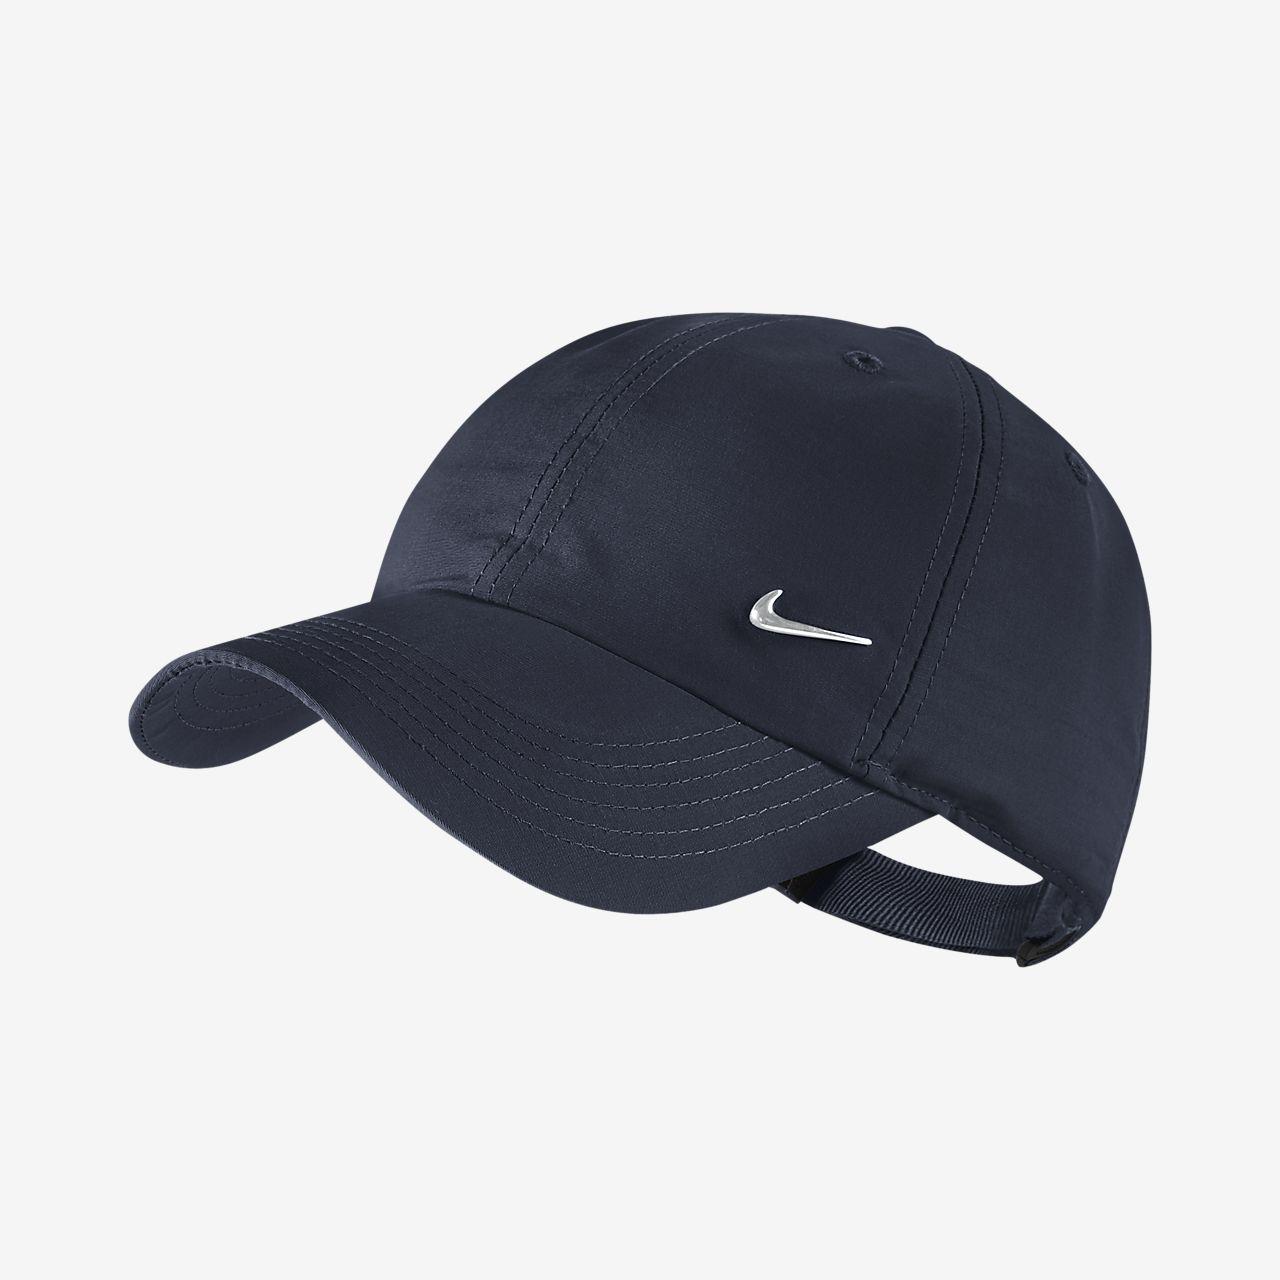 low priced ef662 83927 ... Casquette réglable Nike Metal Swoosh pour Enfant plus âgé